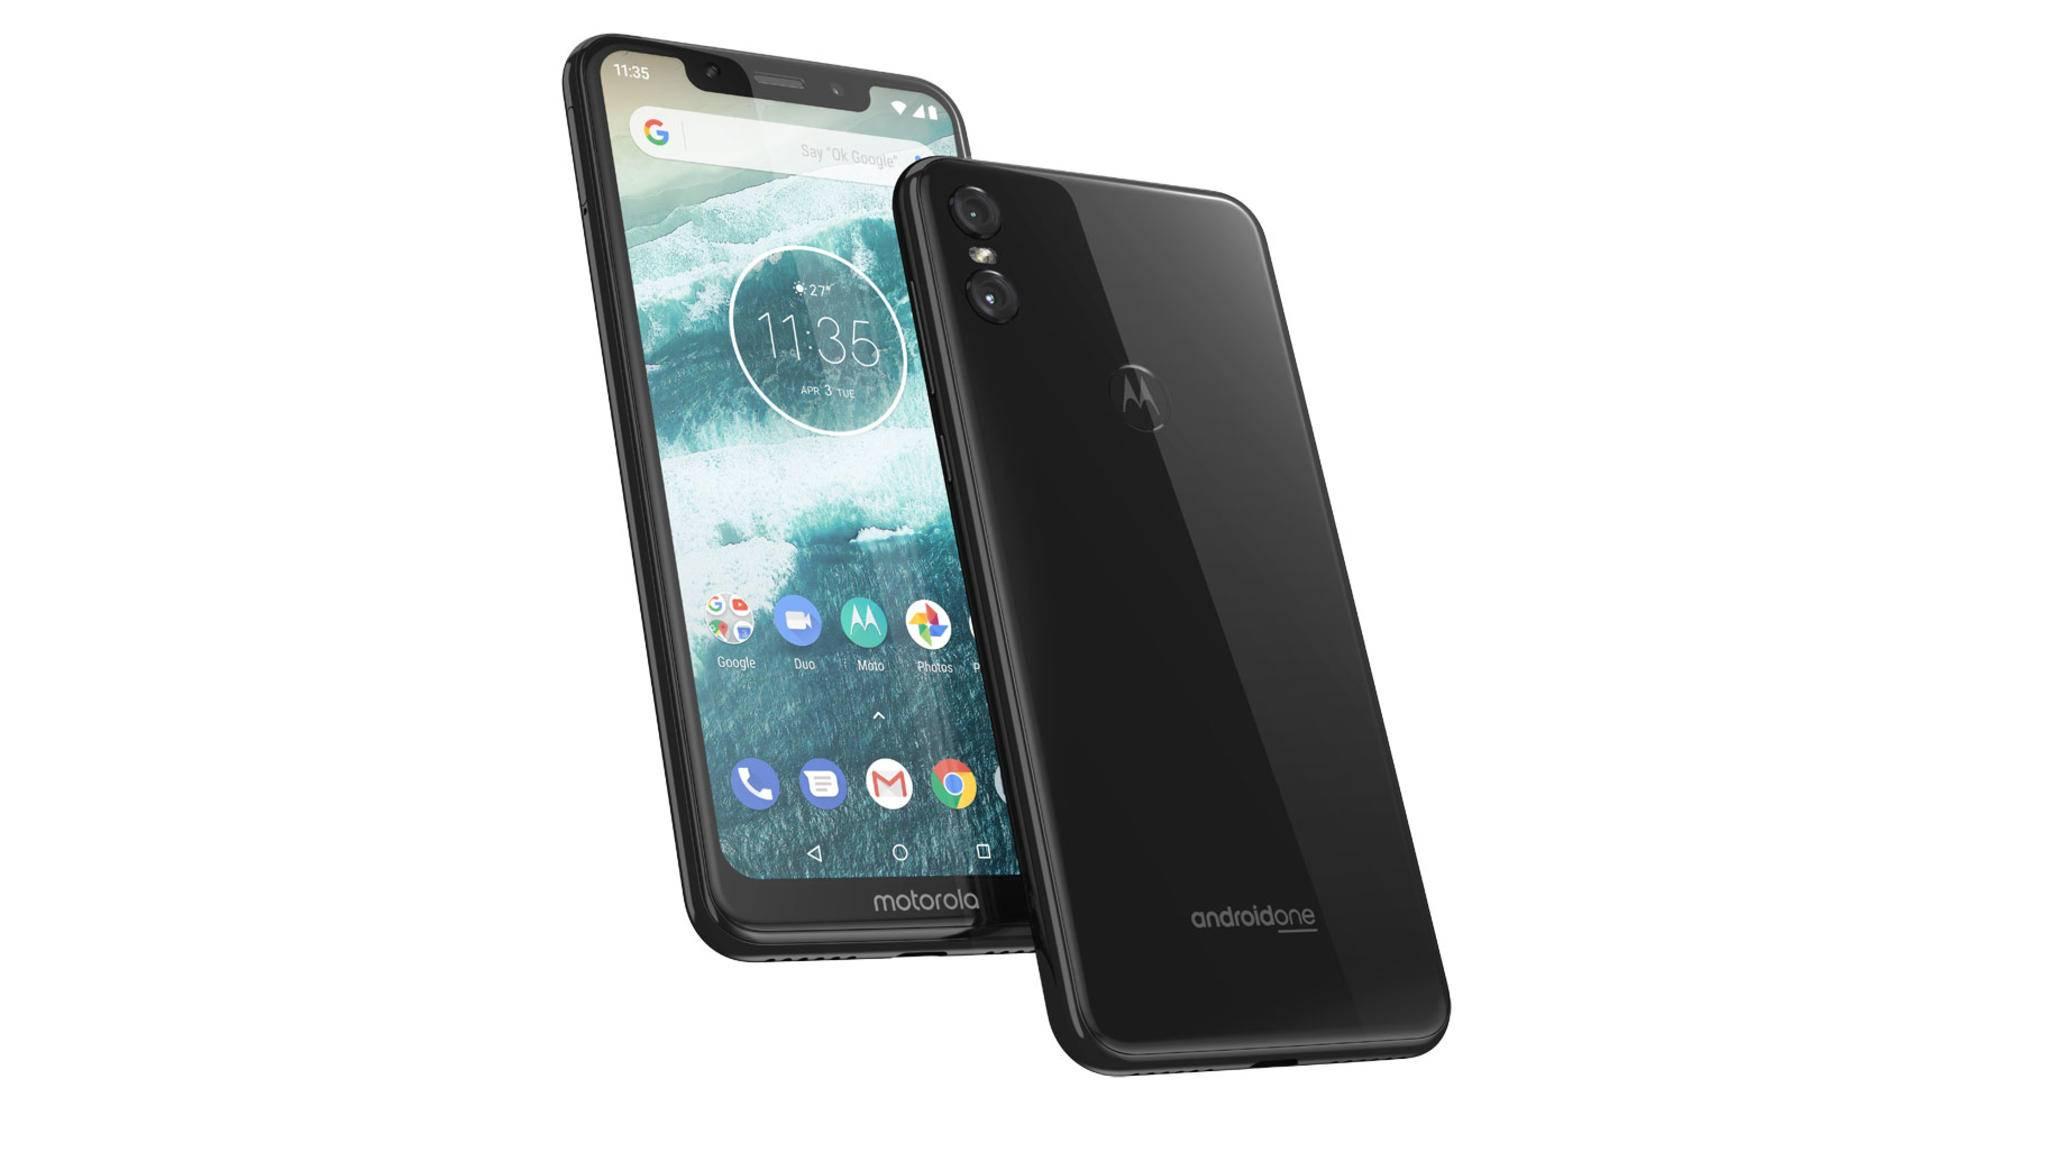 Das erste Motorola-Smartphone mit Notch: Das Motorola One wurde jetzt vorgestellt.